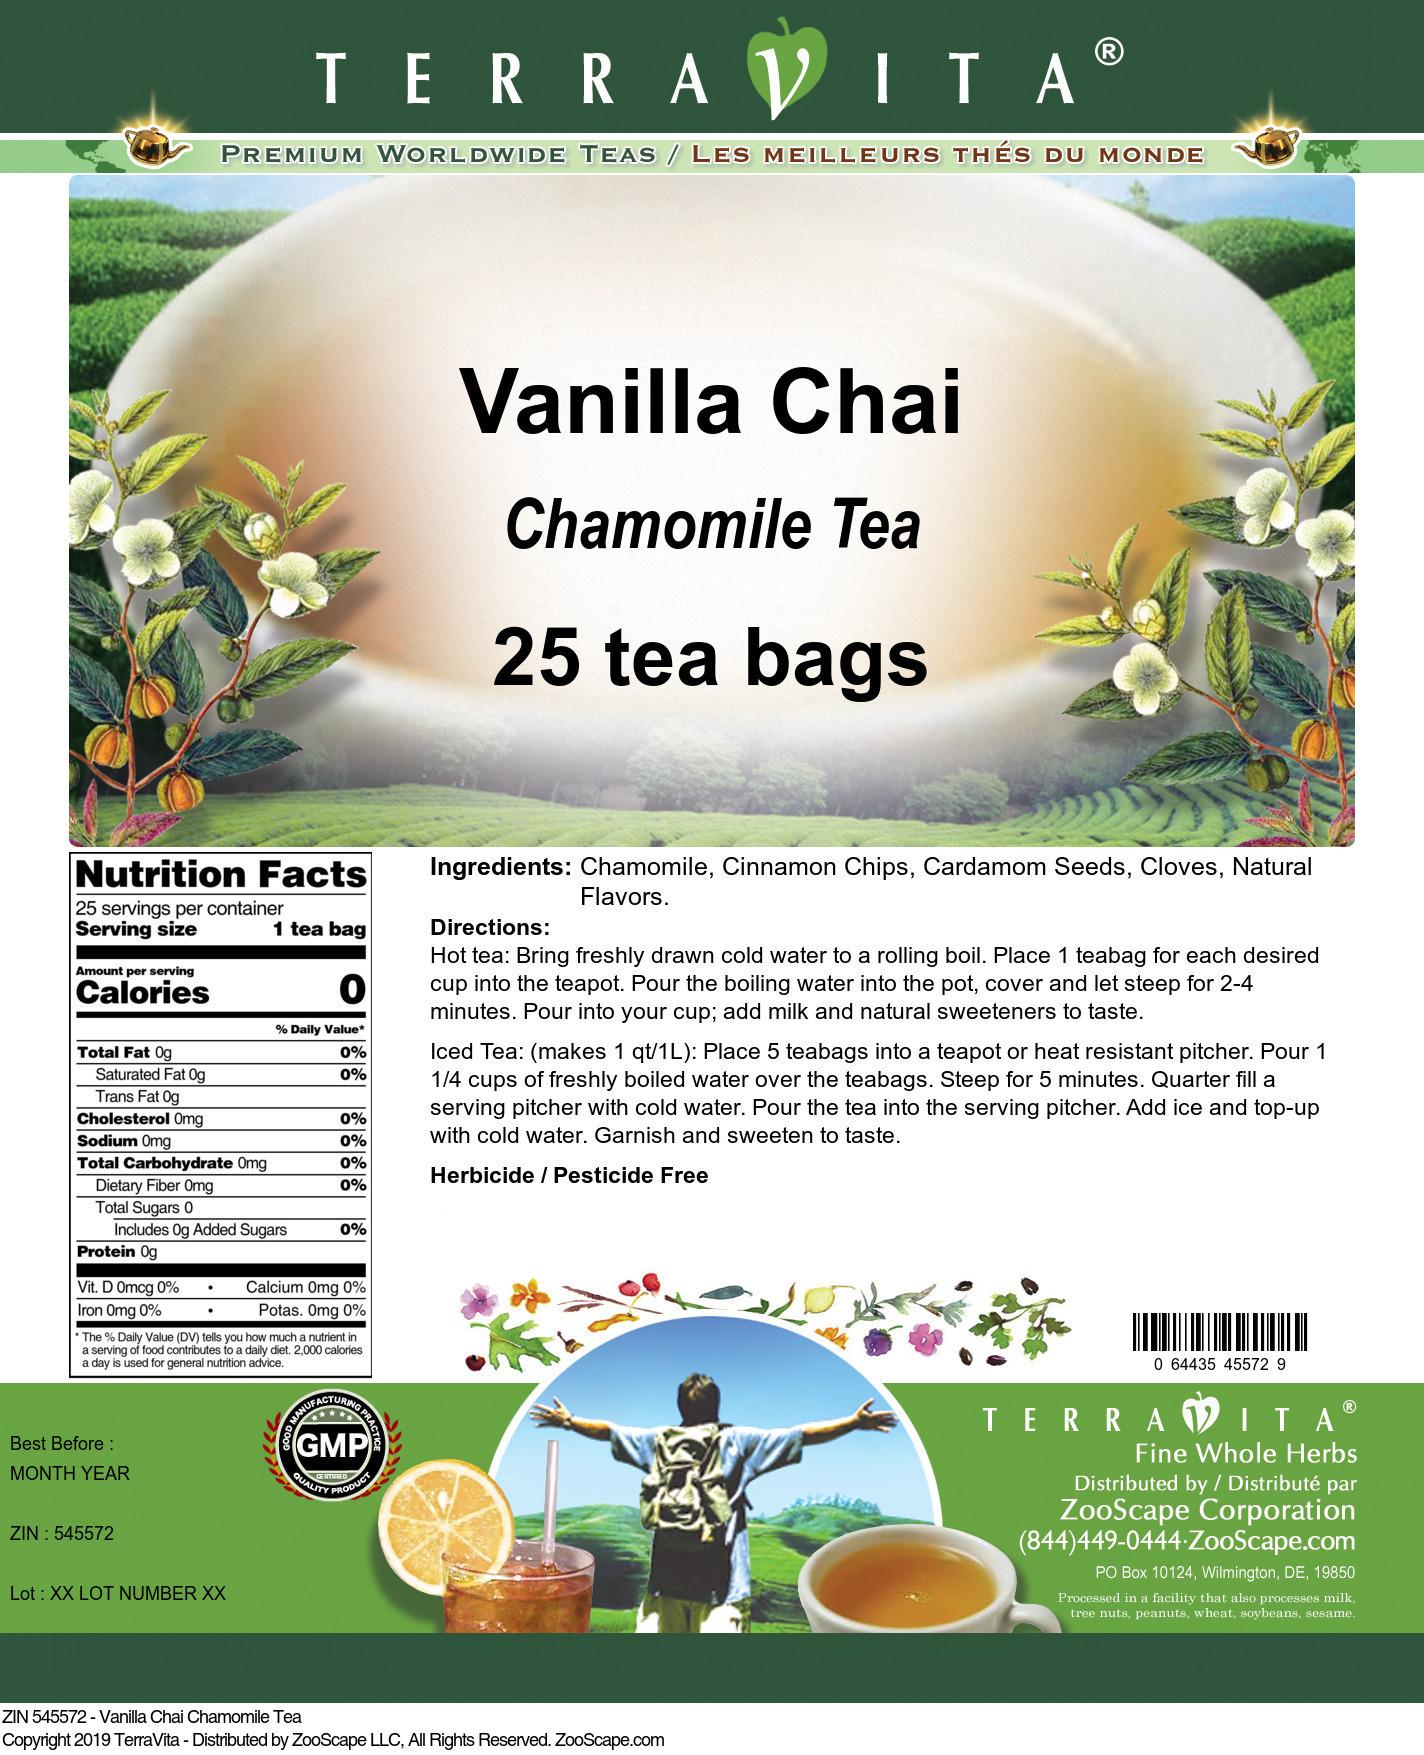 Vanilla Chai Chamomile Tea